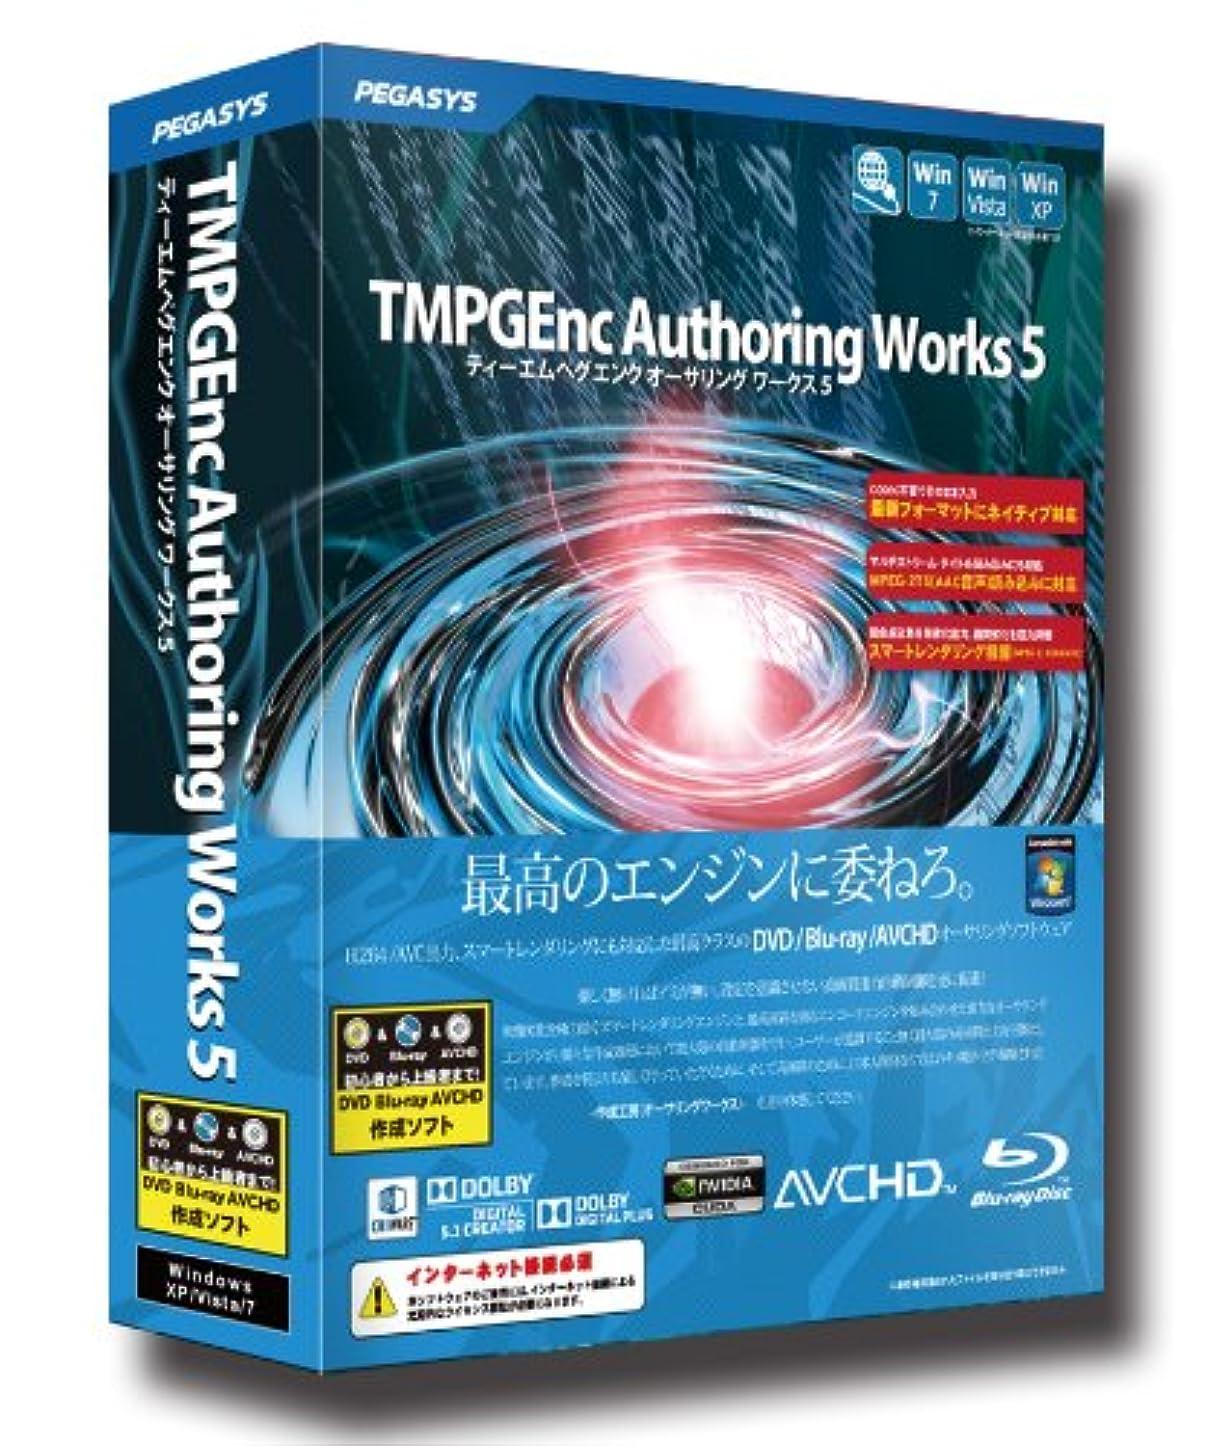 鼻染料サミュエルTMPGEnc Authoring Works 5